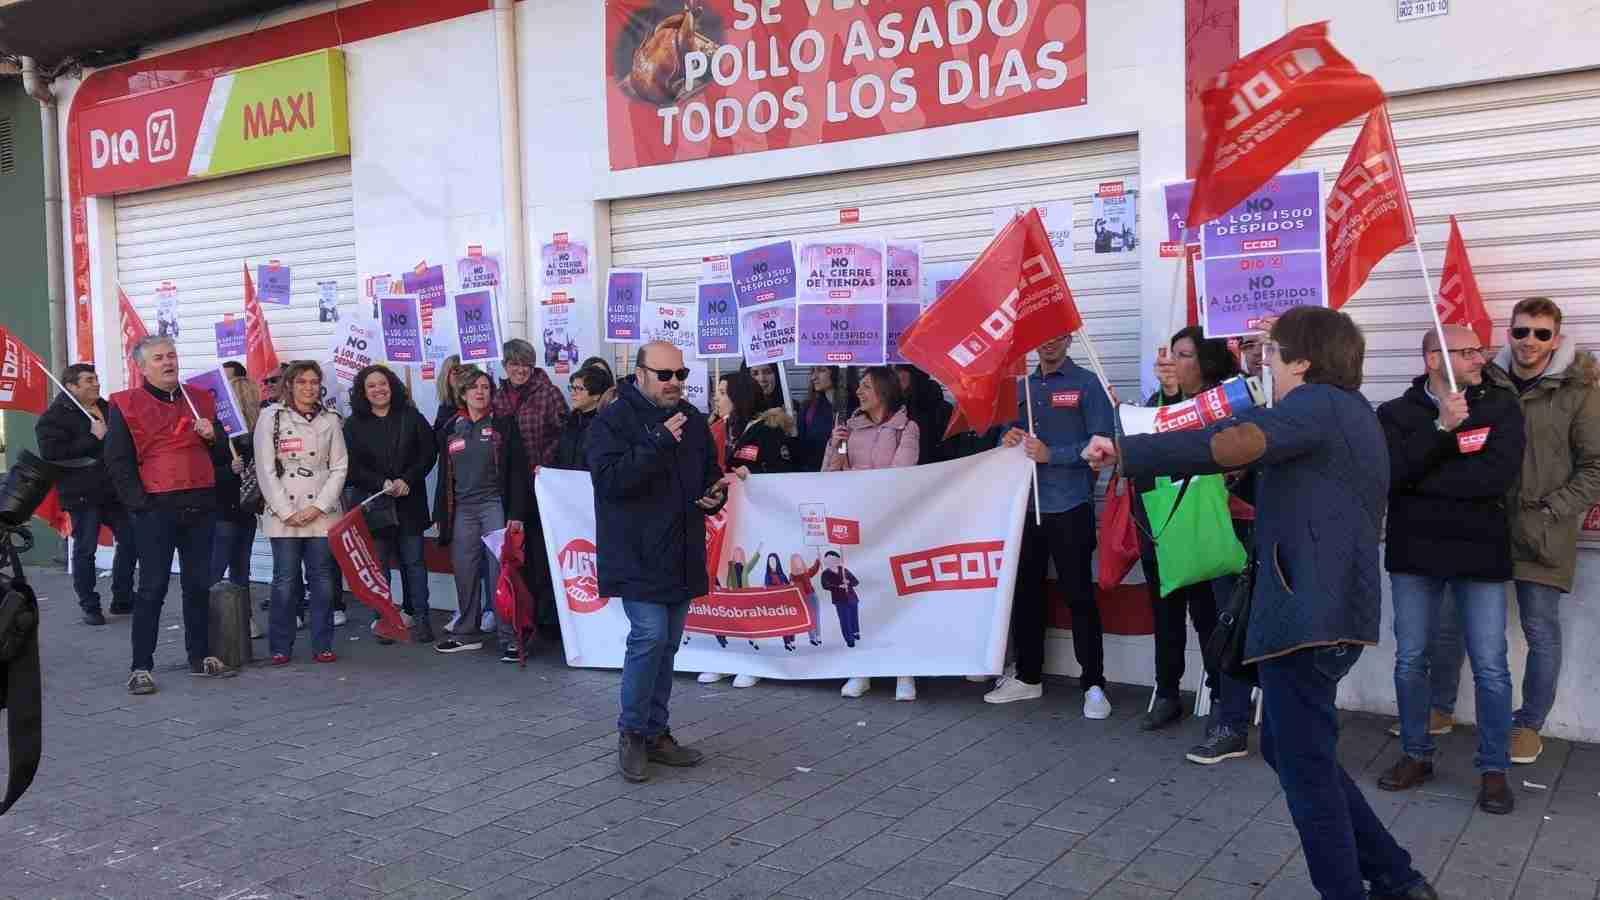 Éxito rotundo en CLM de los paros convocados por CCOO-Servicios contra el ERE de las tiendas DIA 11